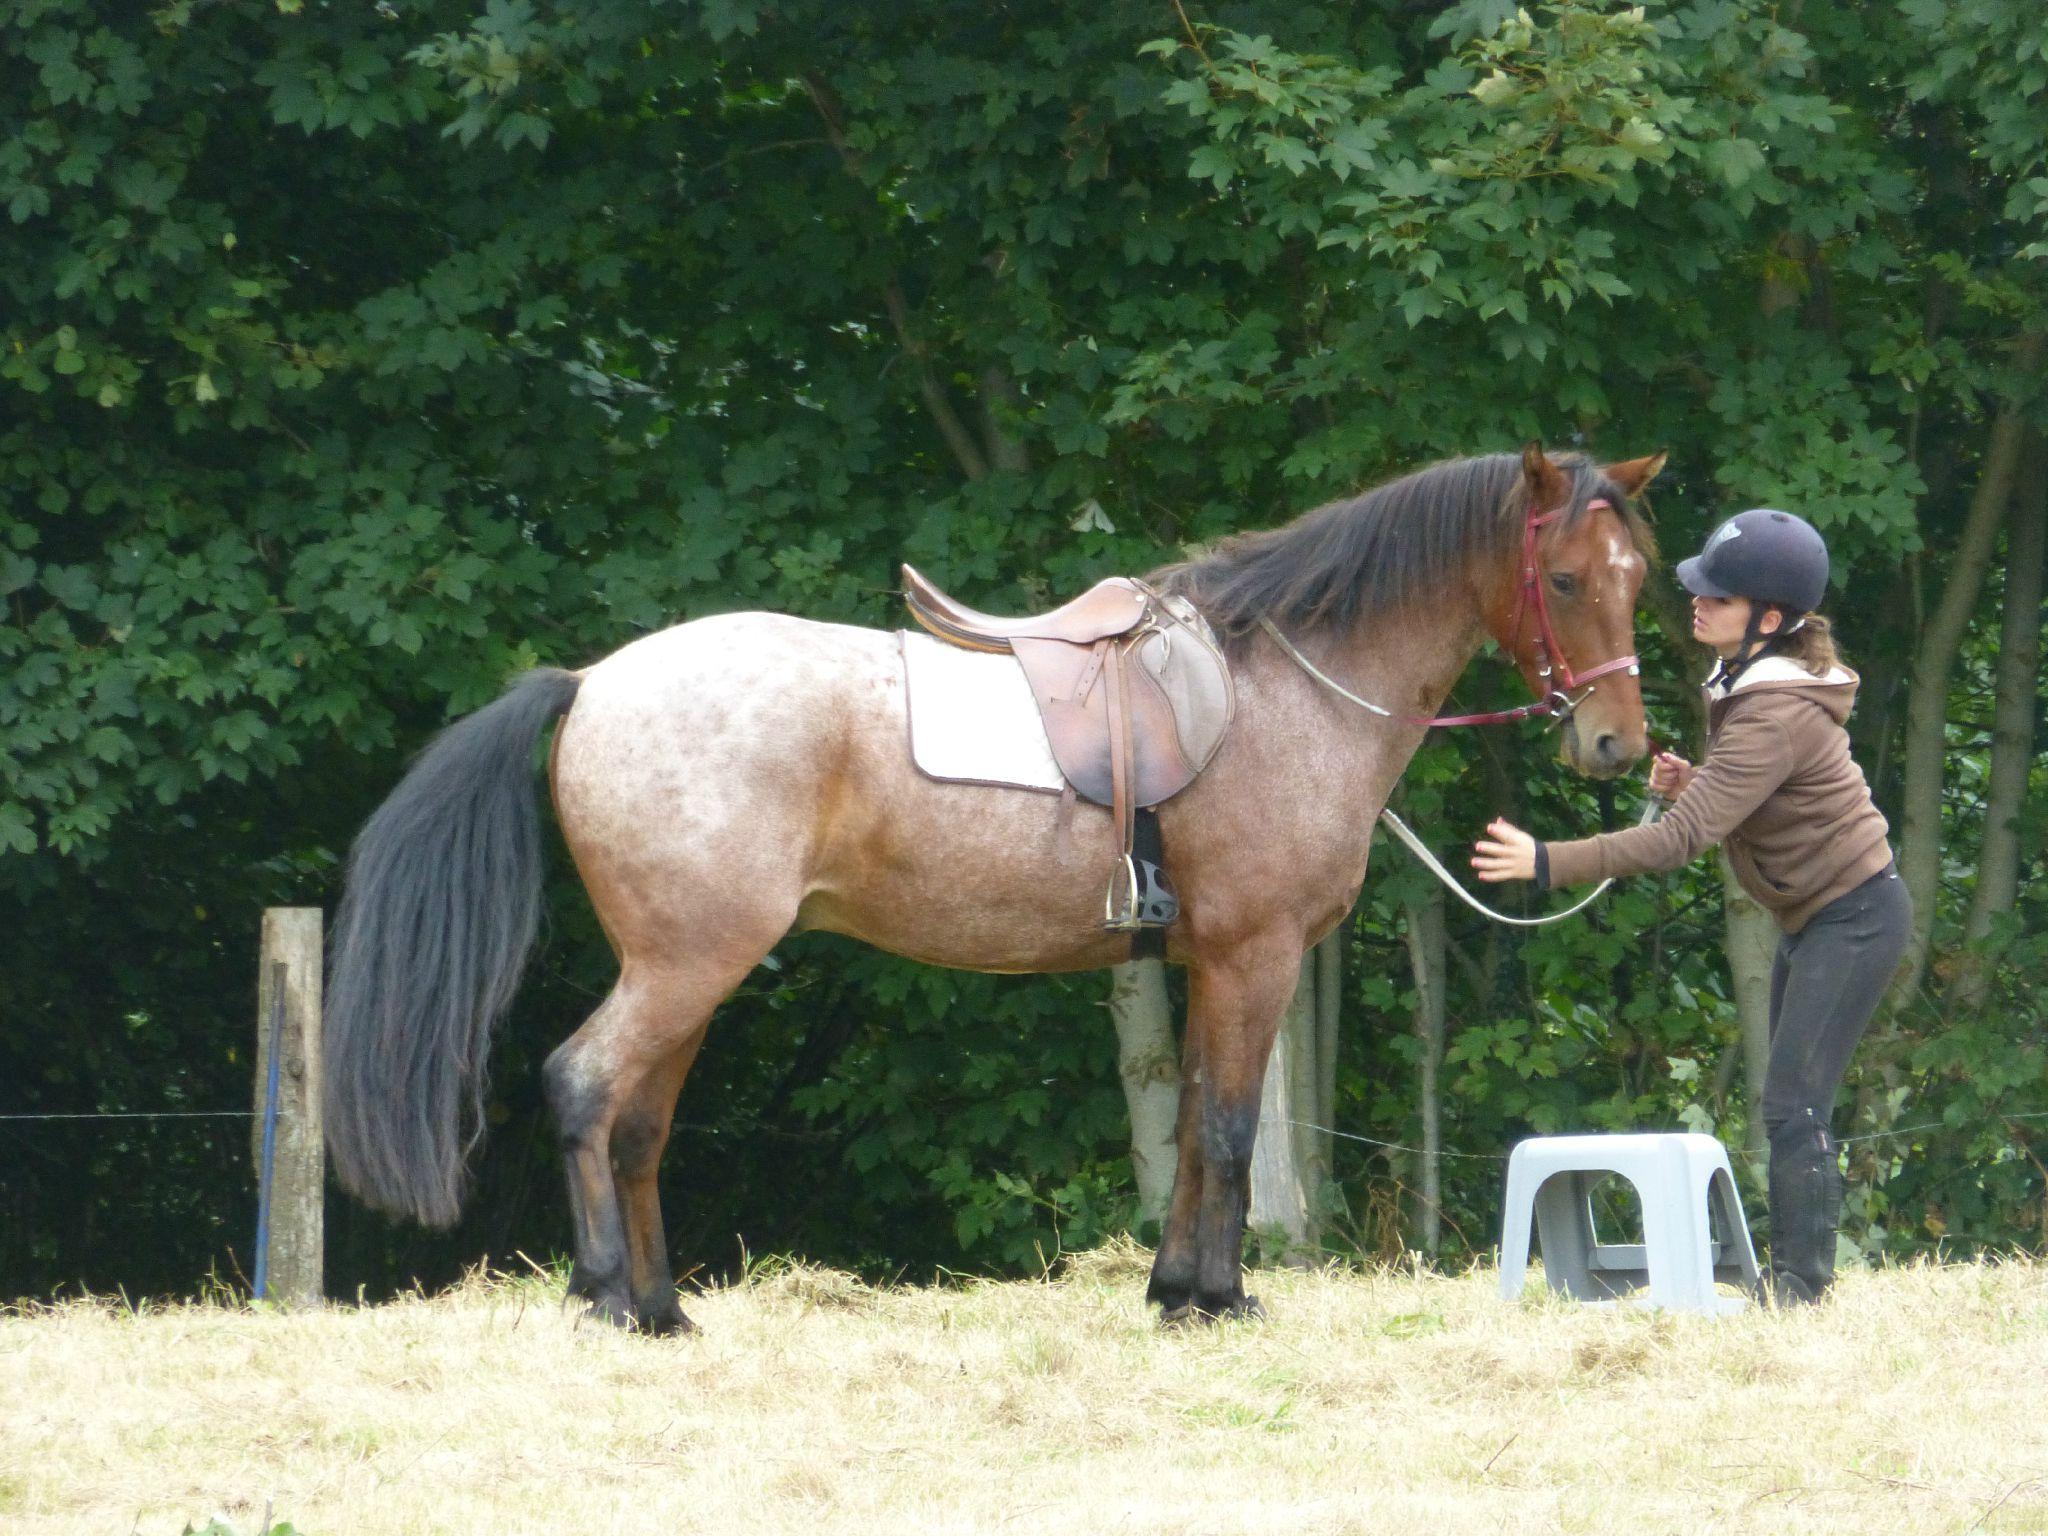 Jeux équestres manchots - parcours de pleine nature après-midi (212)